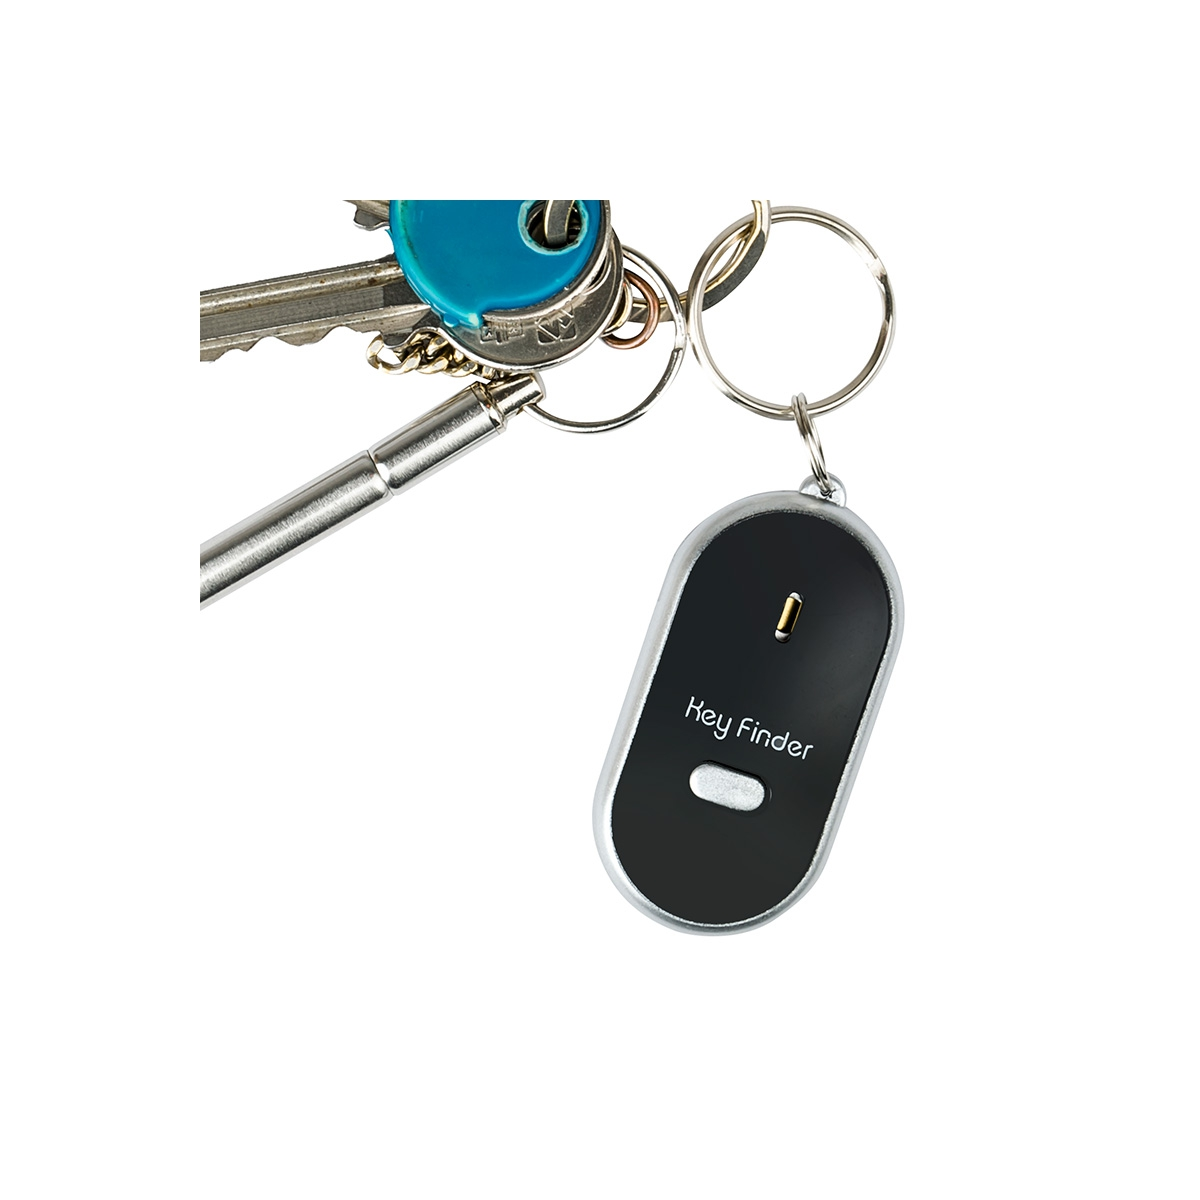 Dźwiękowy lokalizator do kluczy